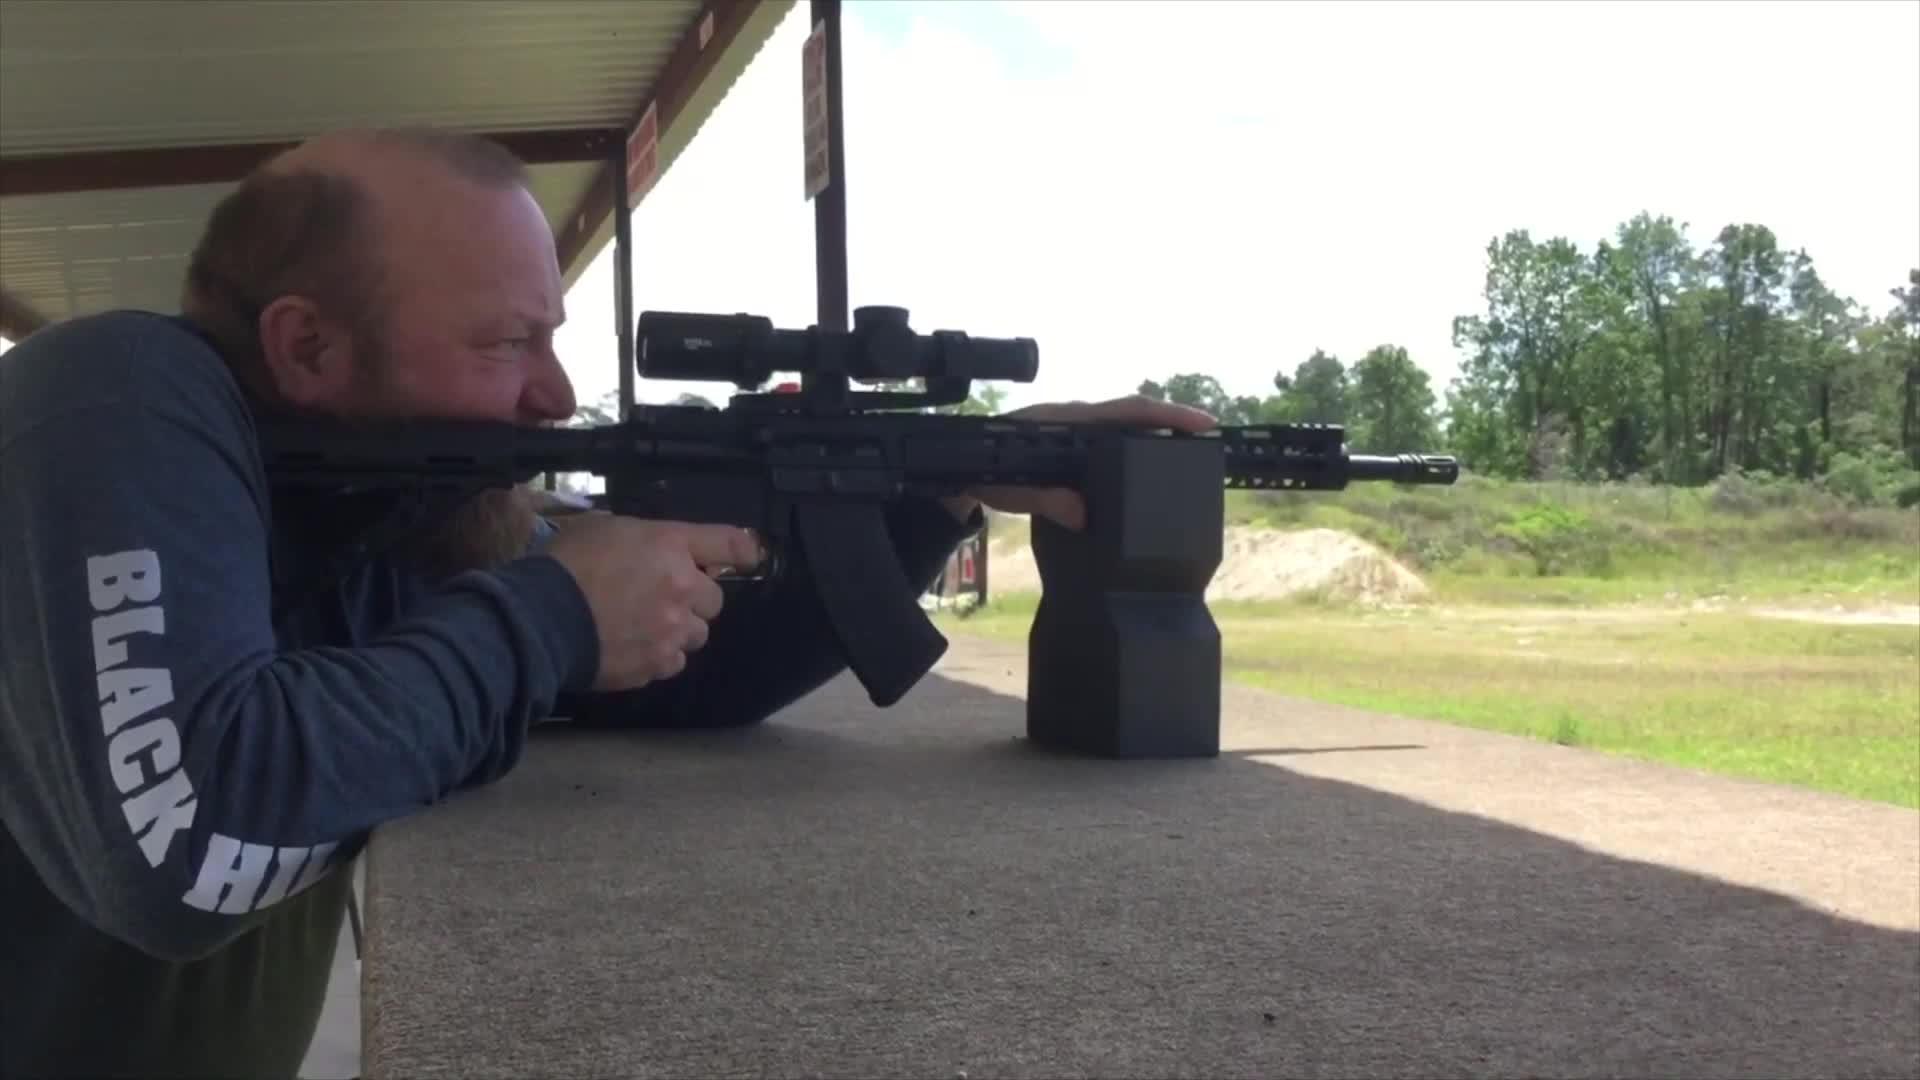 配备瞄准镜的KS-47步枪,靶场射击 连耳塞都不用戴